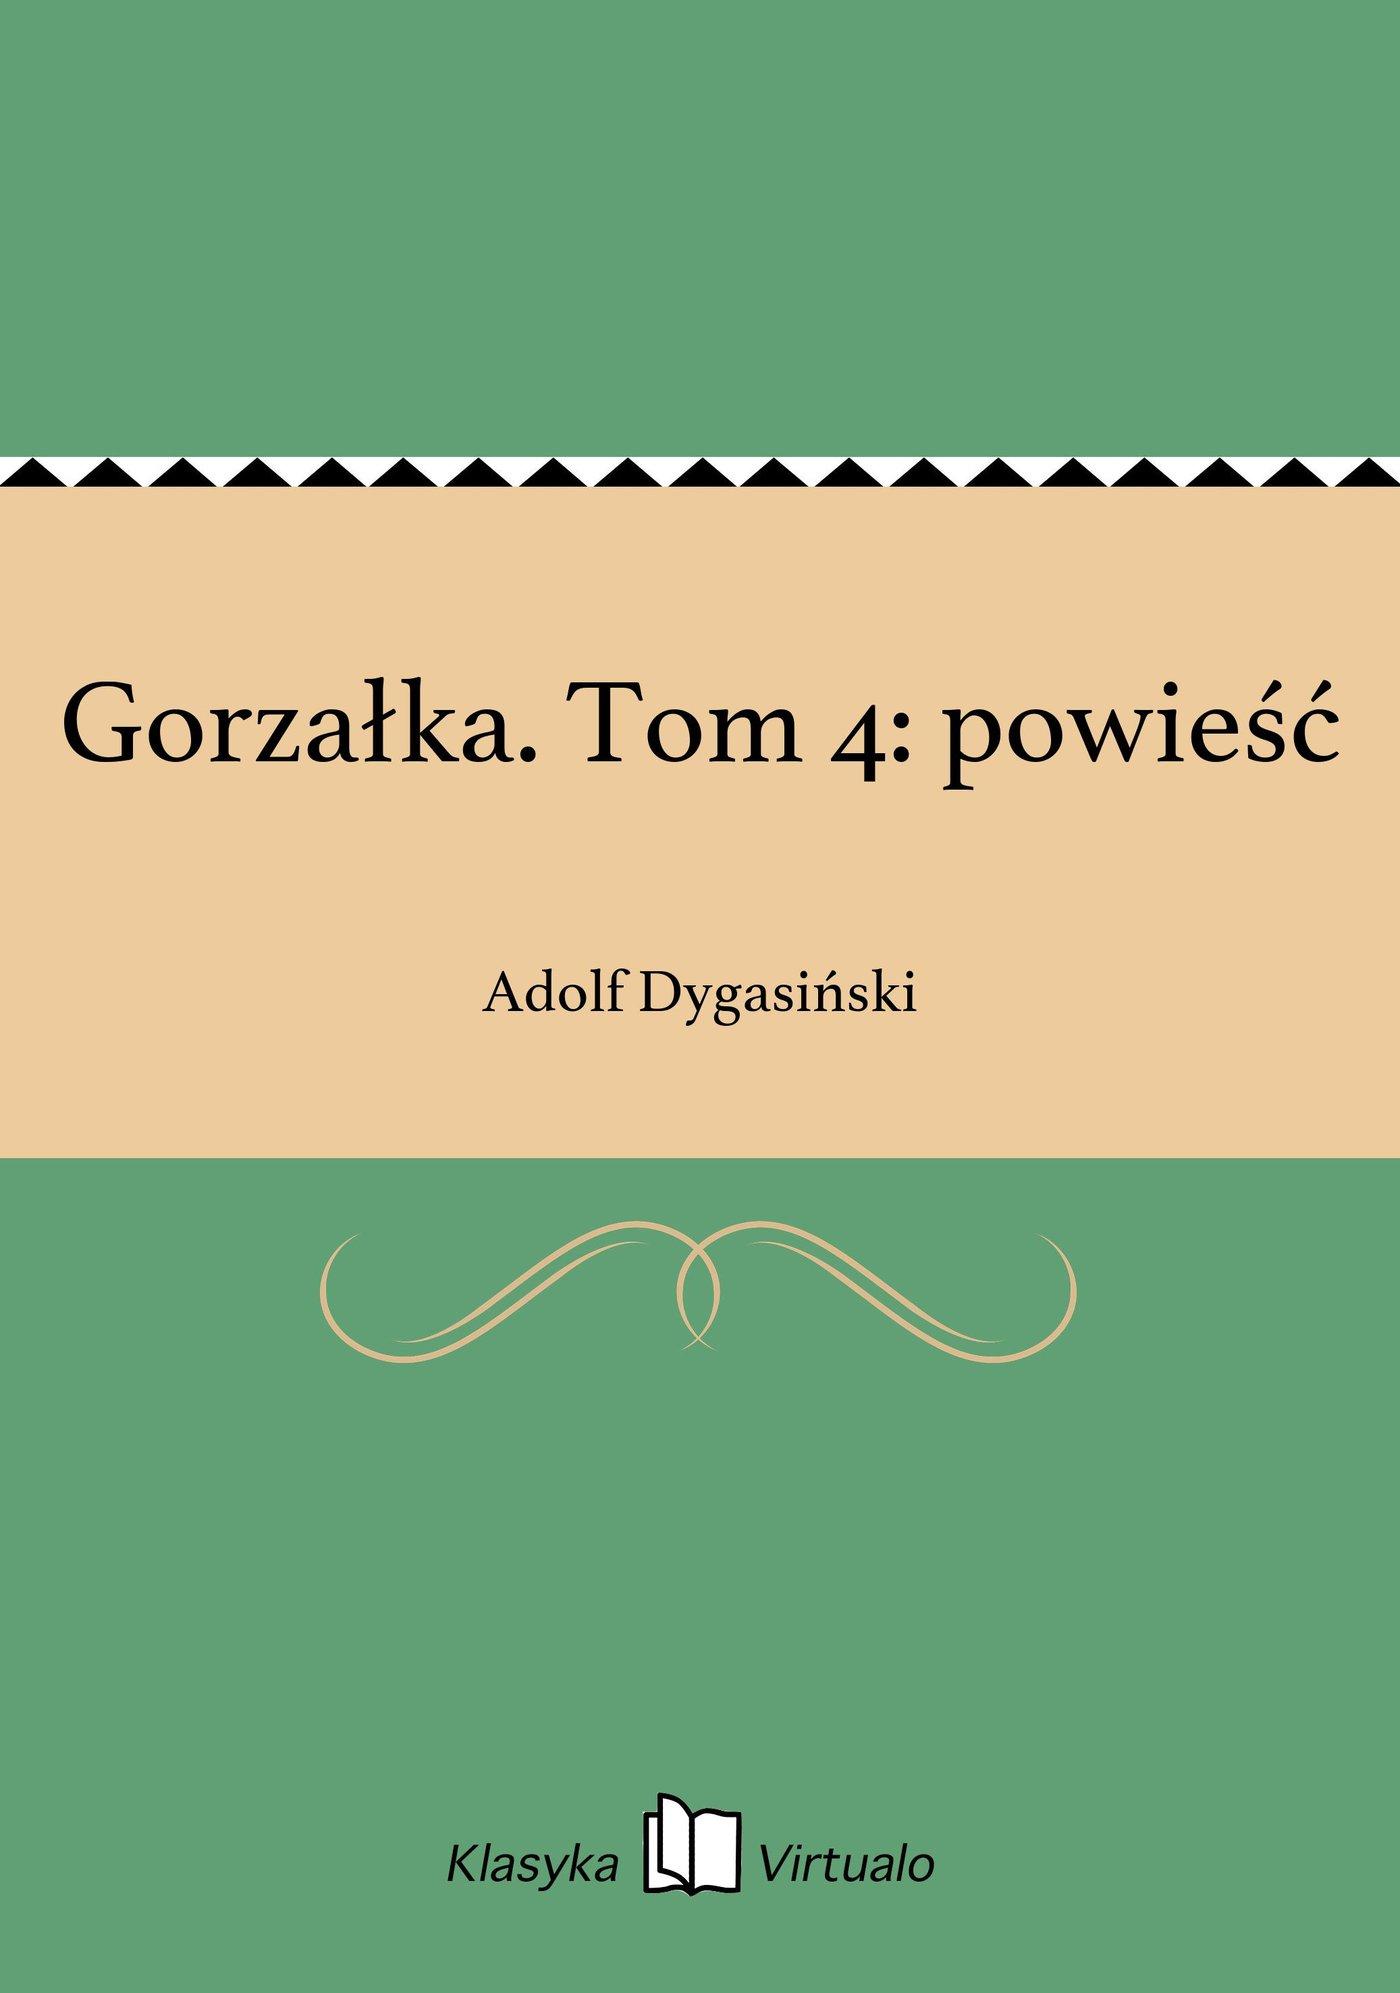 Gorzałka. Tom 4: powieść - Ebook (Książka na Kindle) do pobrania w formacie MOBI